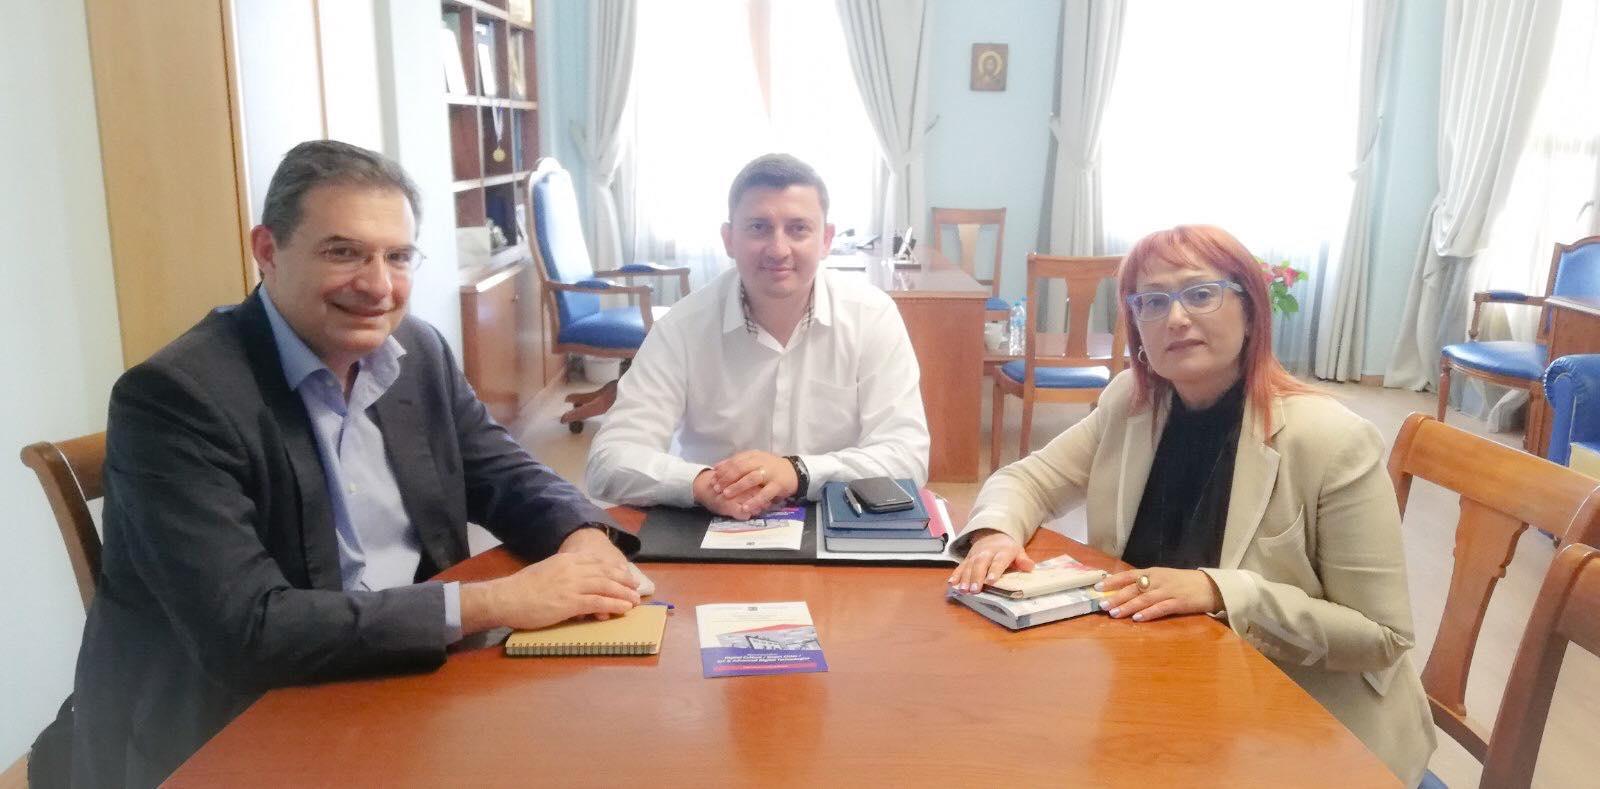 Συνεργασία Δήμου Ξηρομέρου με το Πανεπιστήμιο Πειραιώς.